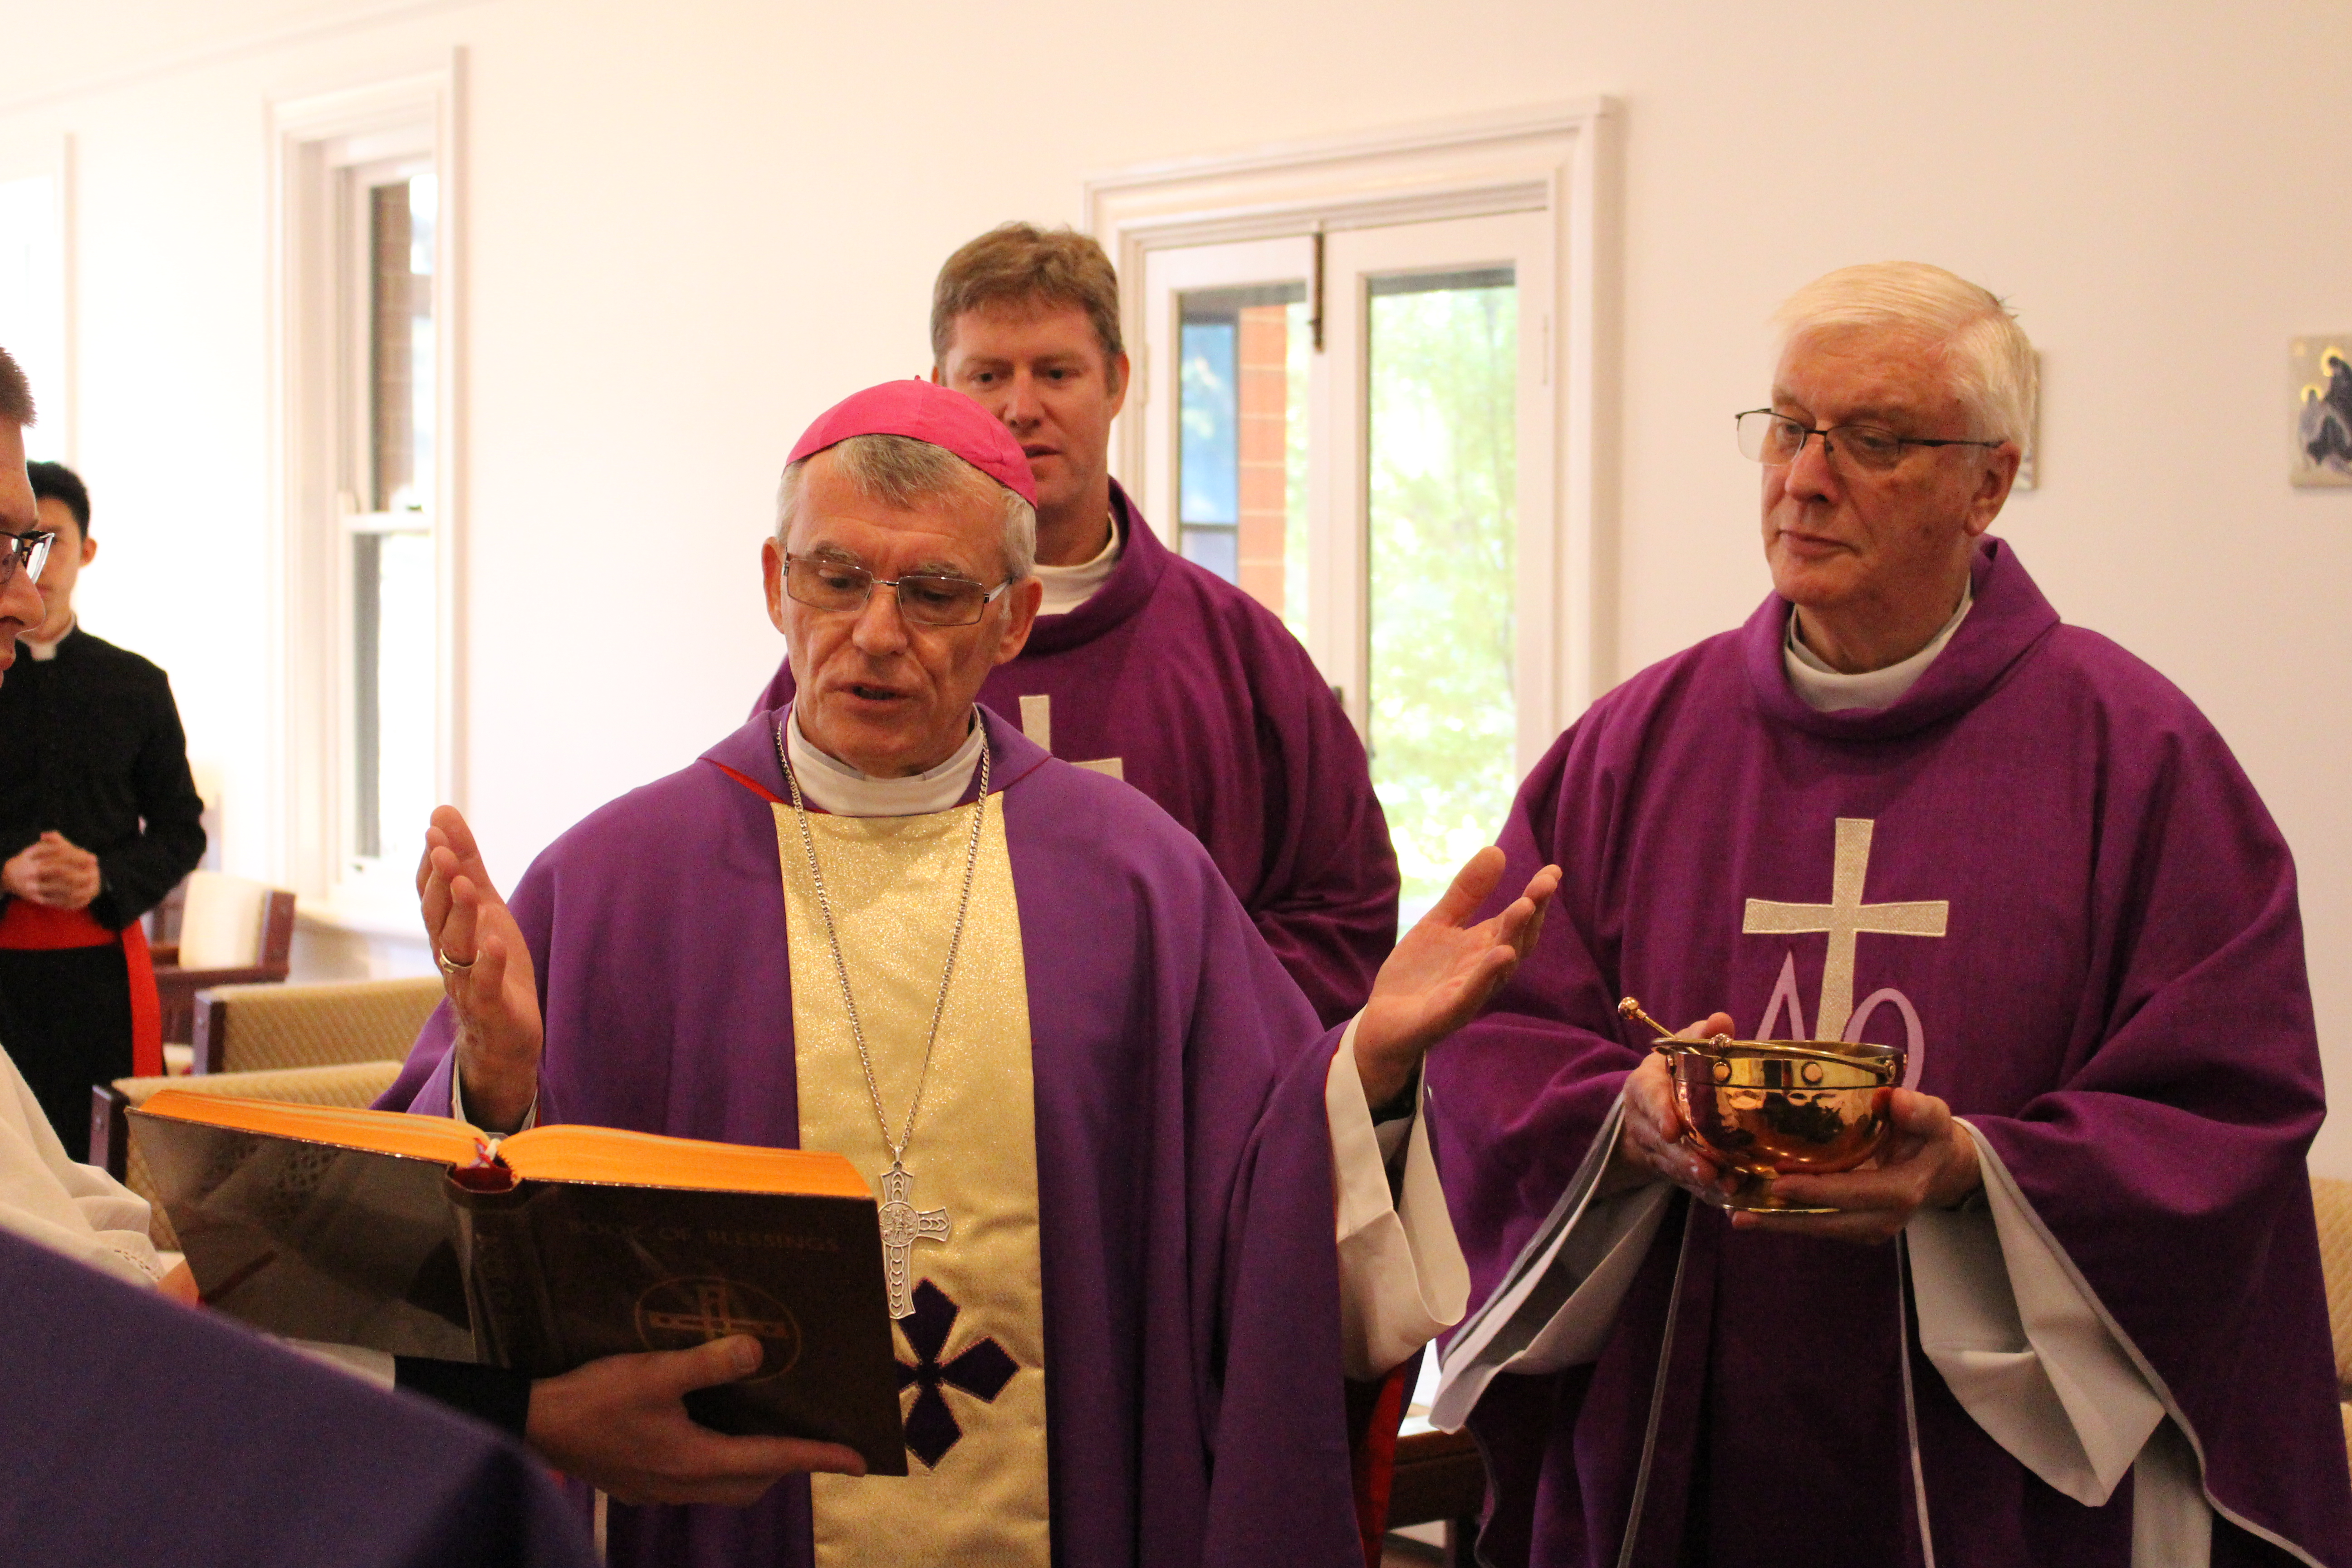 Opening Mass - 3